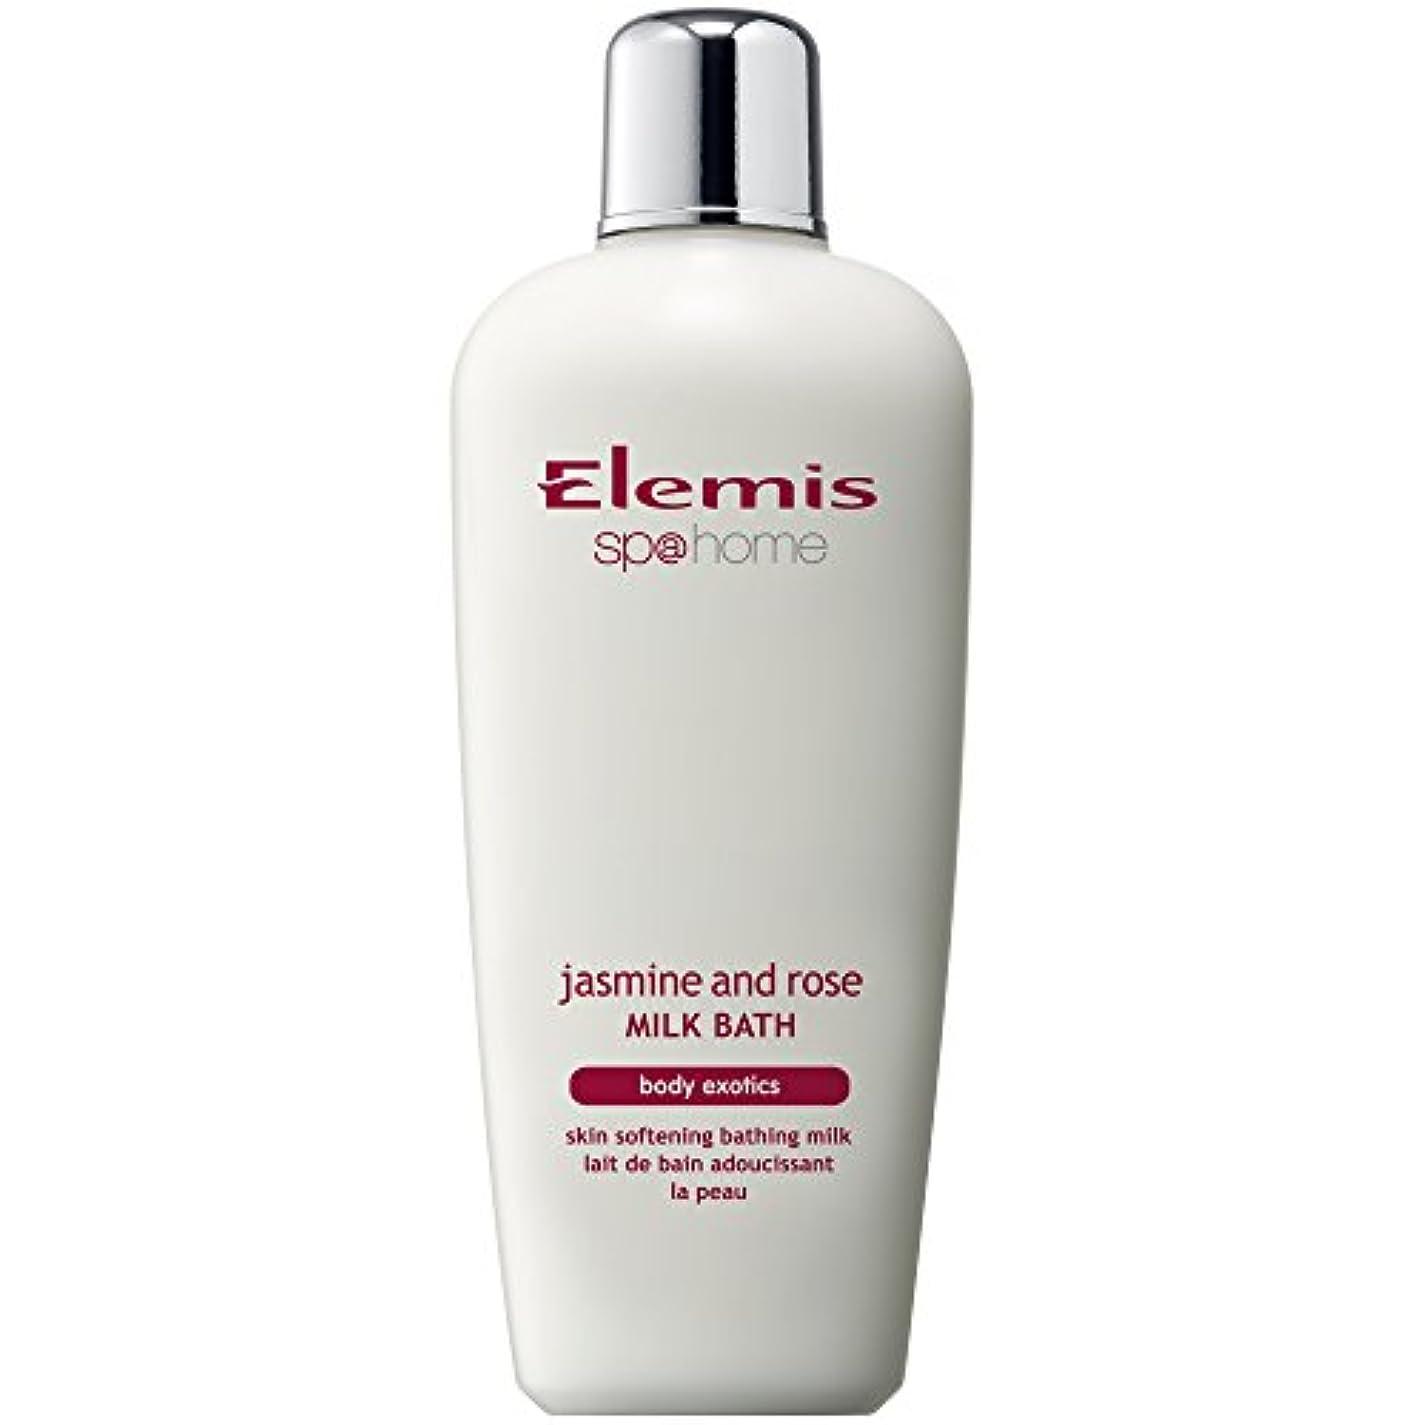 簡潔なむしろそのようなエレミスのジャスミン、ローズミルクバスの400ミリリットル (Elemis) - Elemis Jasmine And Rose Milk Bath 400ml [並行輸入品]